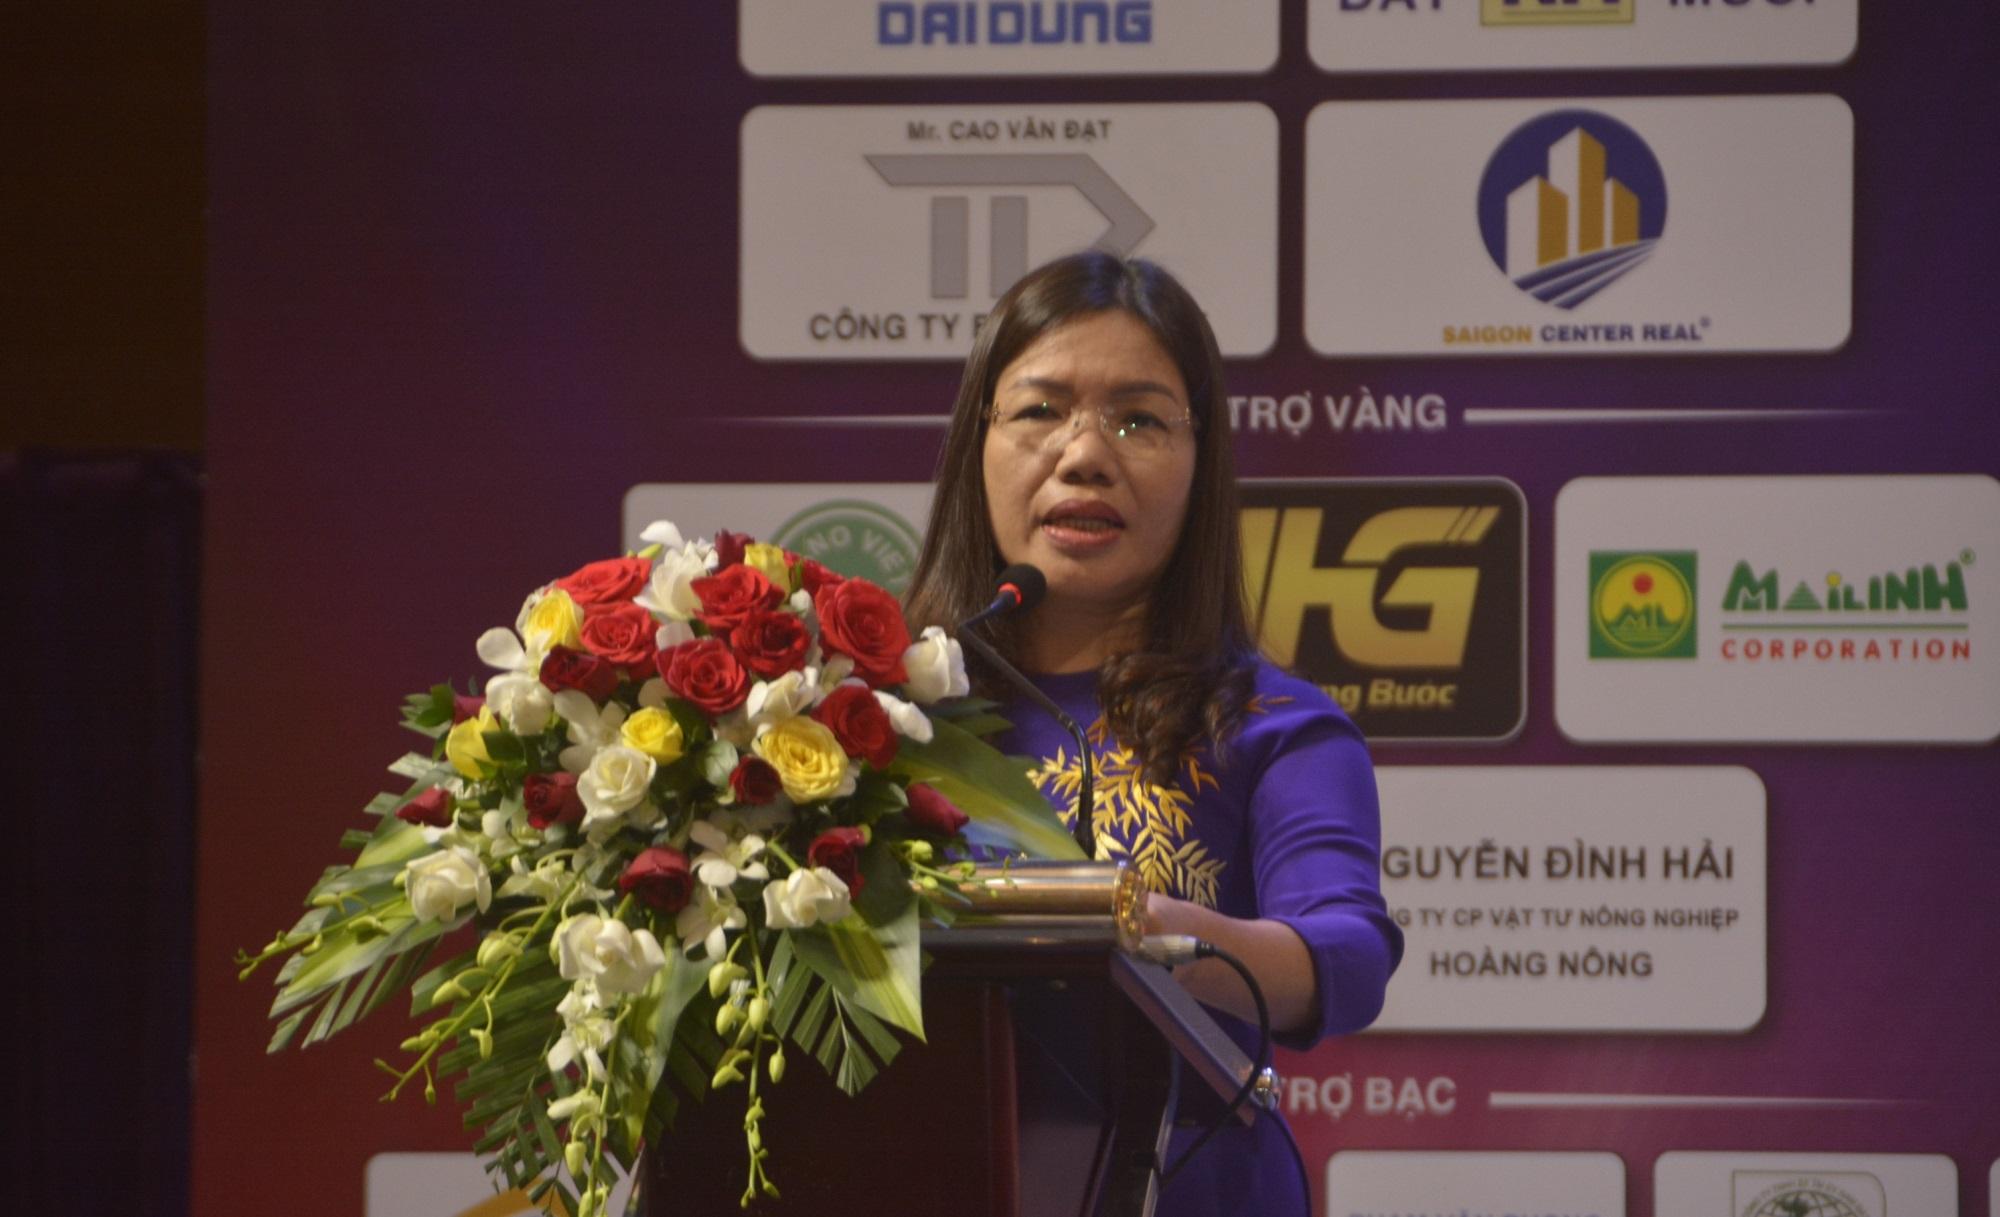 Câu lạc bộ Doanh nhân Thanh Hoá tại TP.HCM kỷ niệm 10 năm thành lập và ra mắt Ban chấp hành mới - Ảnh 4